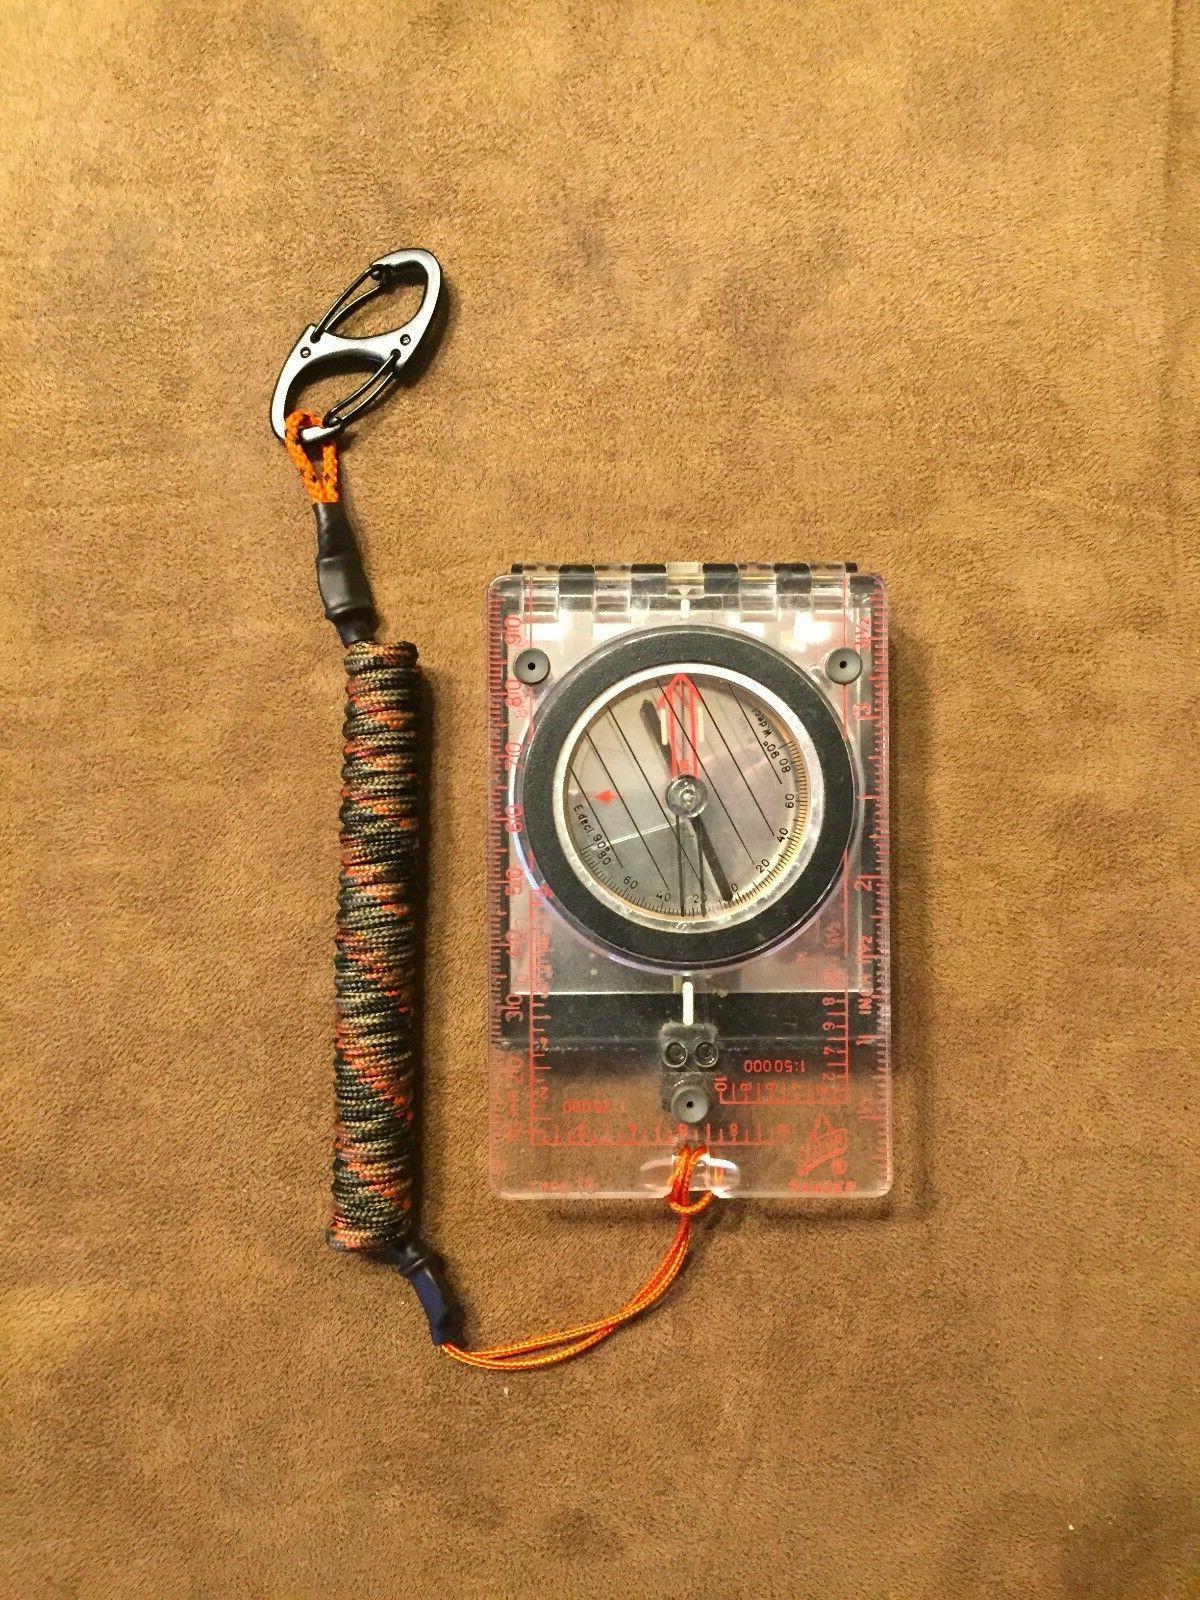 Hunting & Coyote GPS Rangefinder